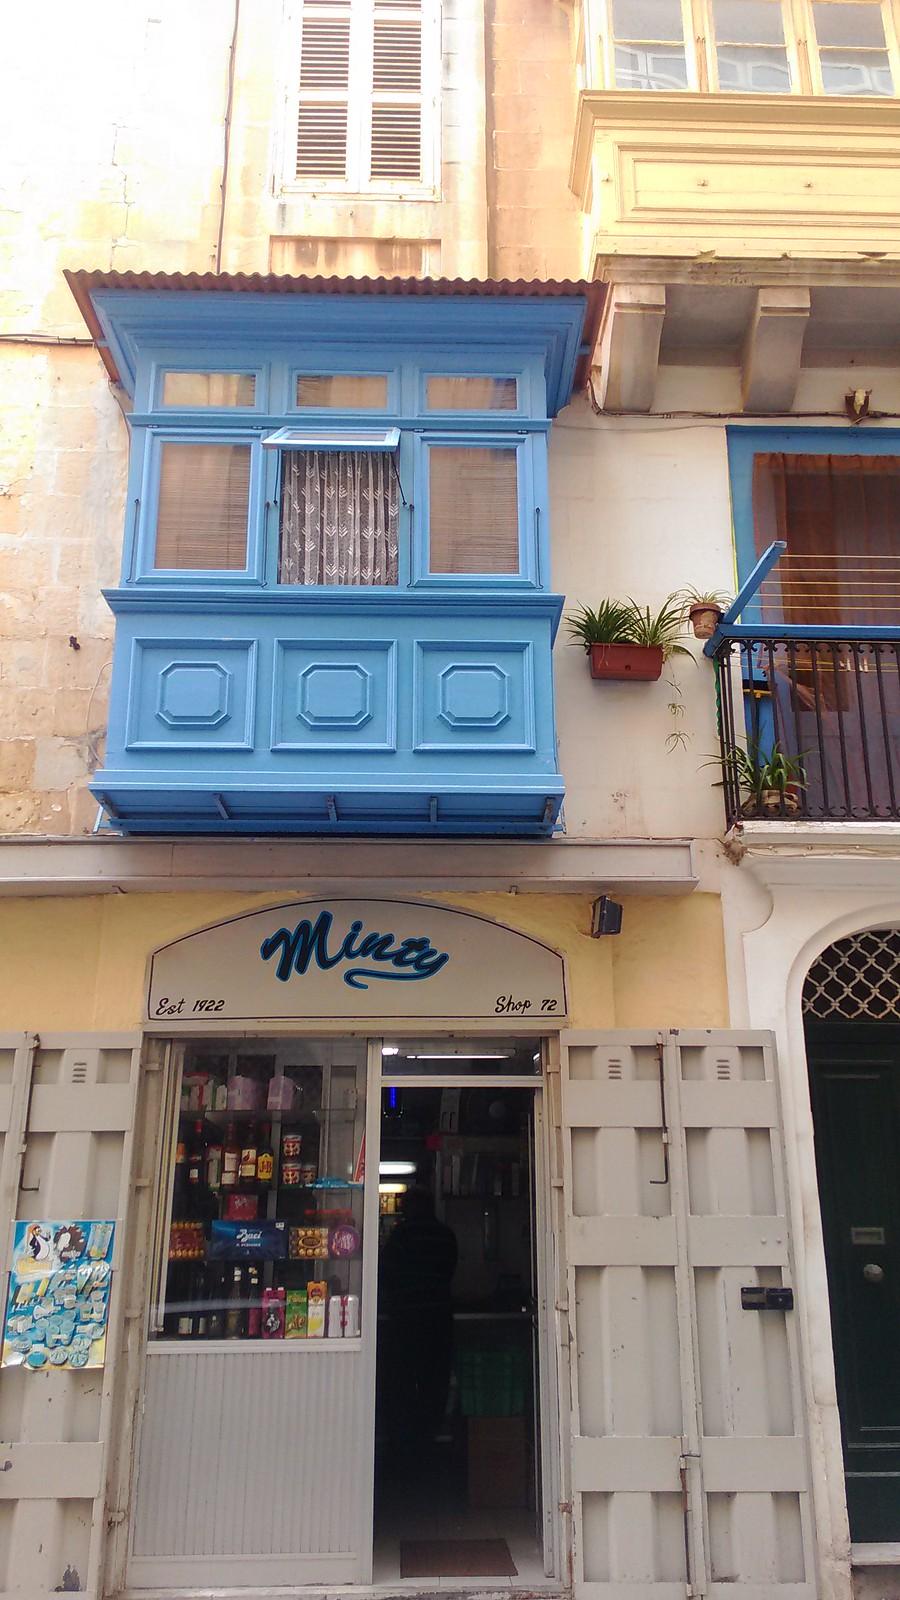 Gallarijas a Valletta